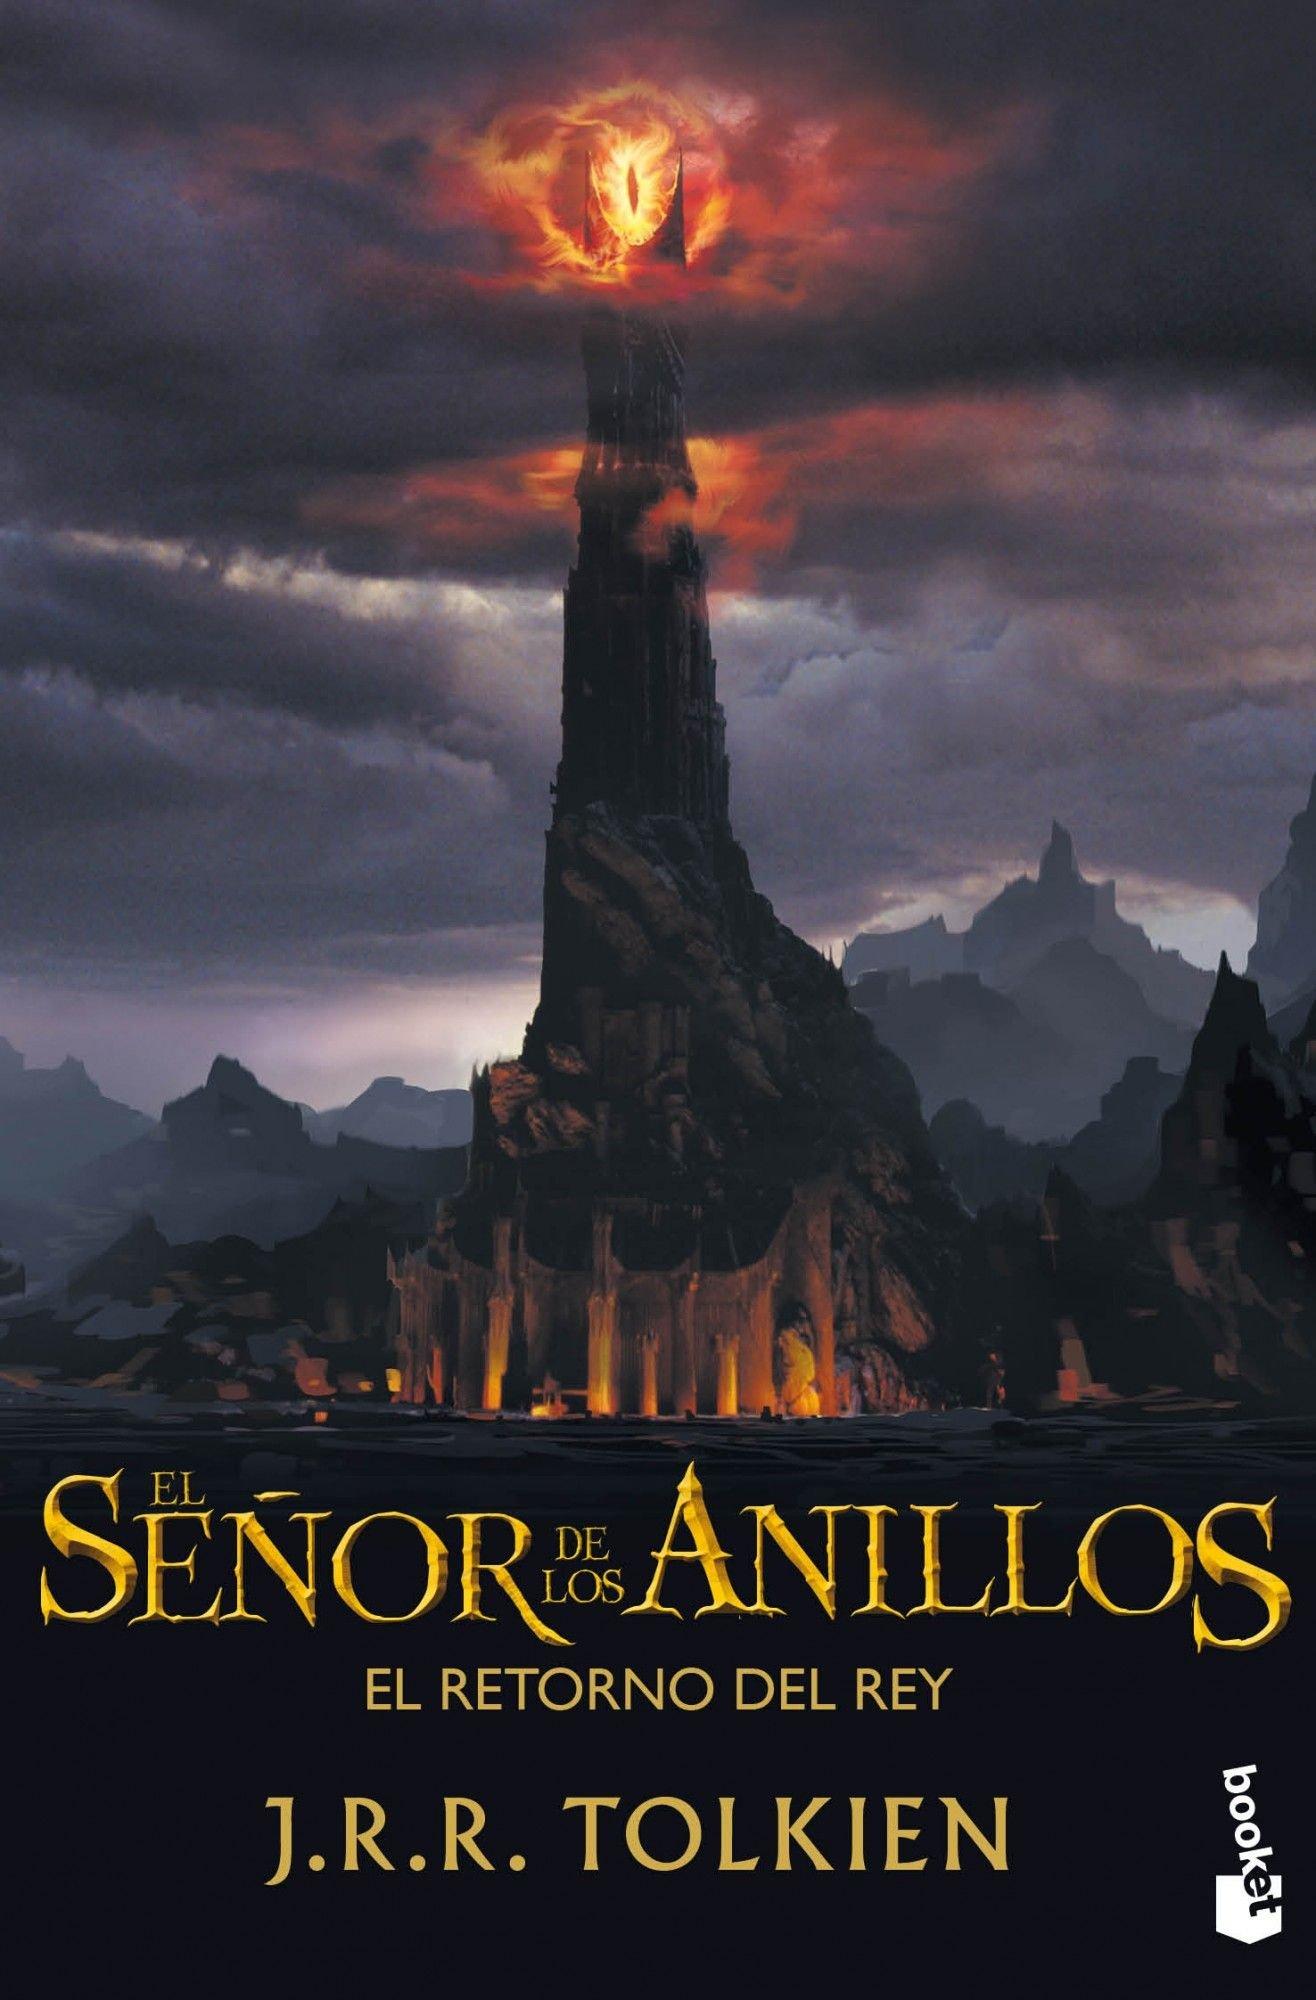 Resultado de imagen de El Señor de los Anillos y el Retorno del Rey - J.R.R. Tolkien;